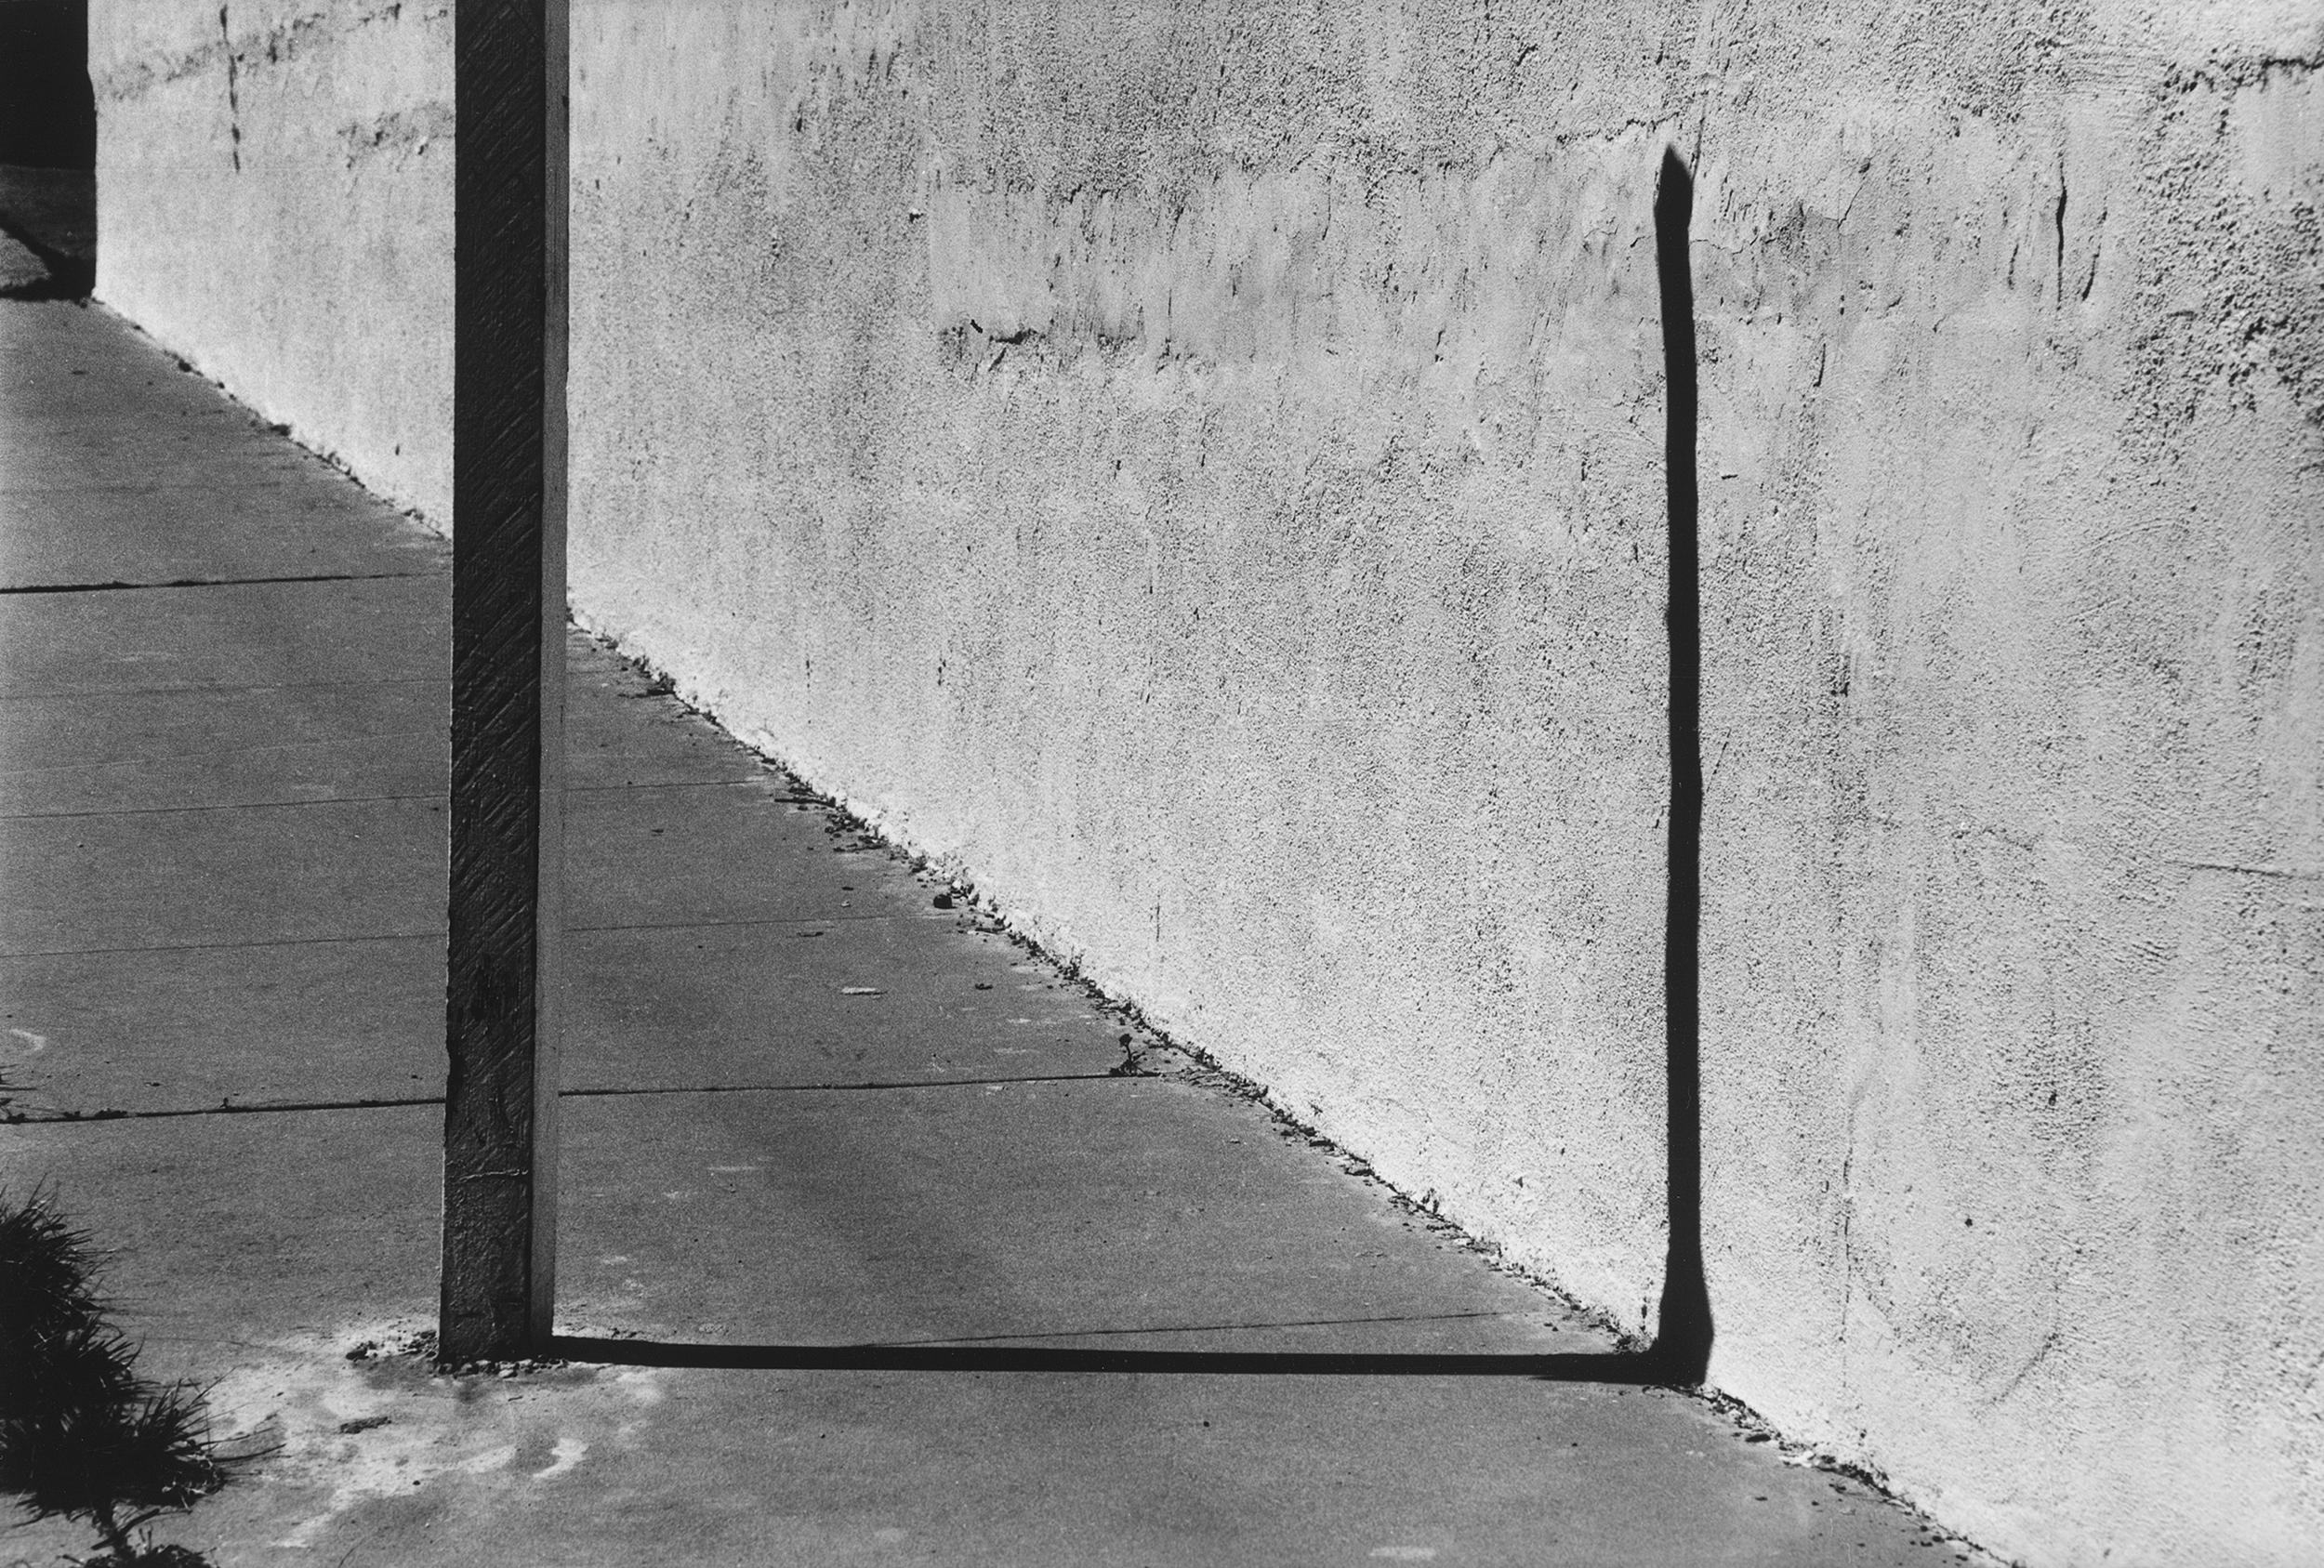 Kelly_Sidewalk, Los Angeles_1978